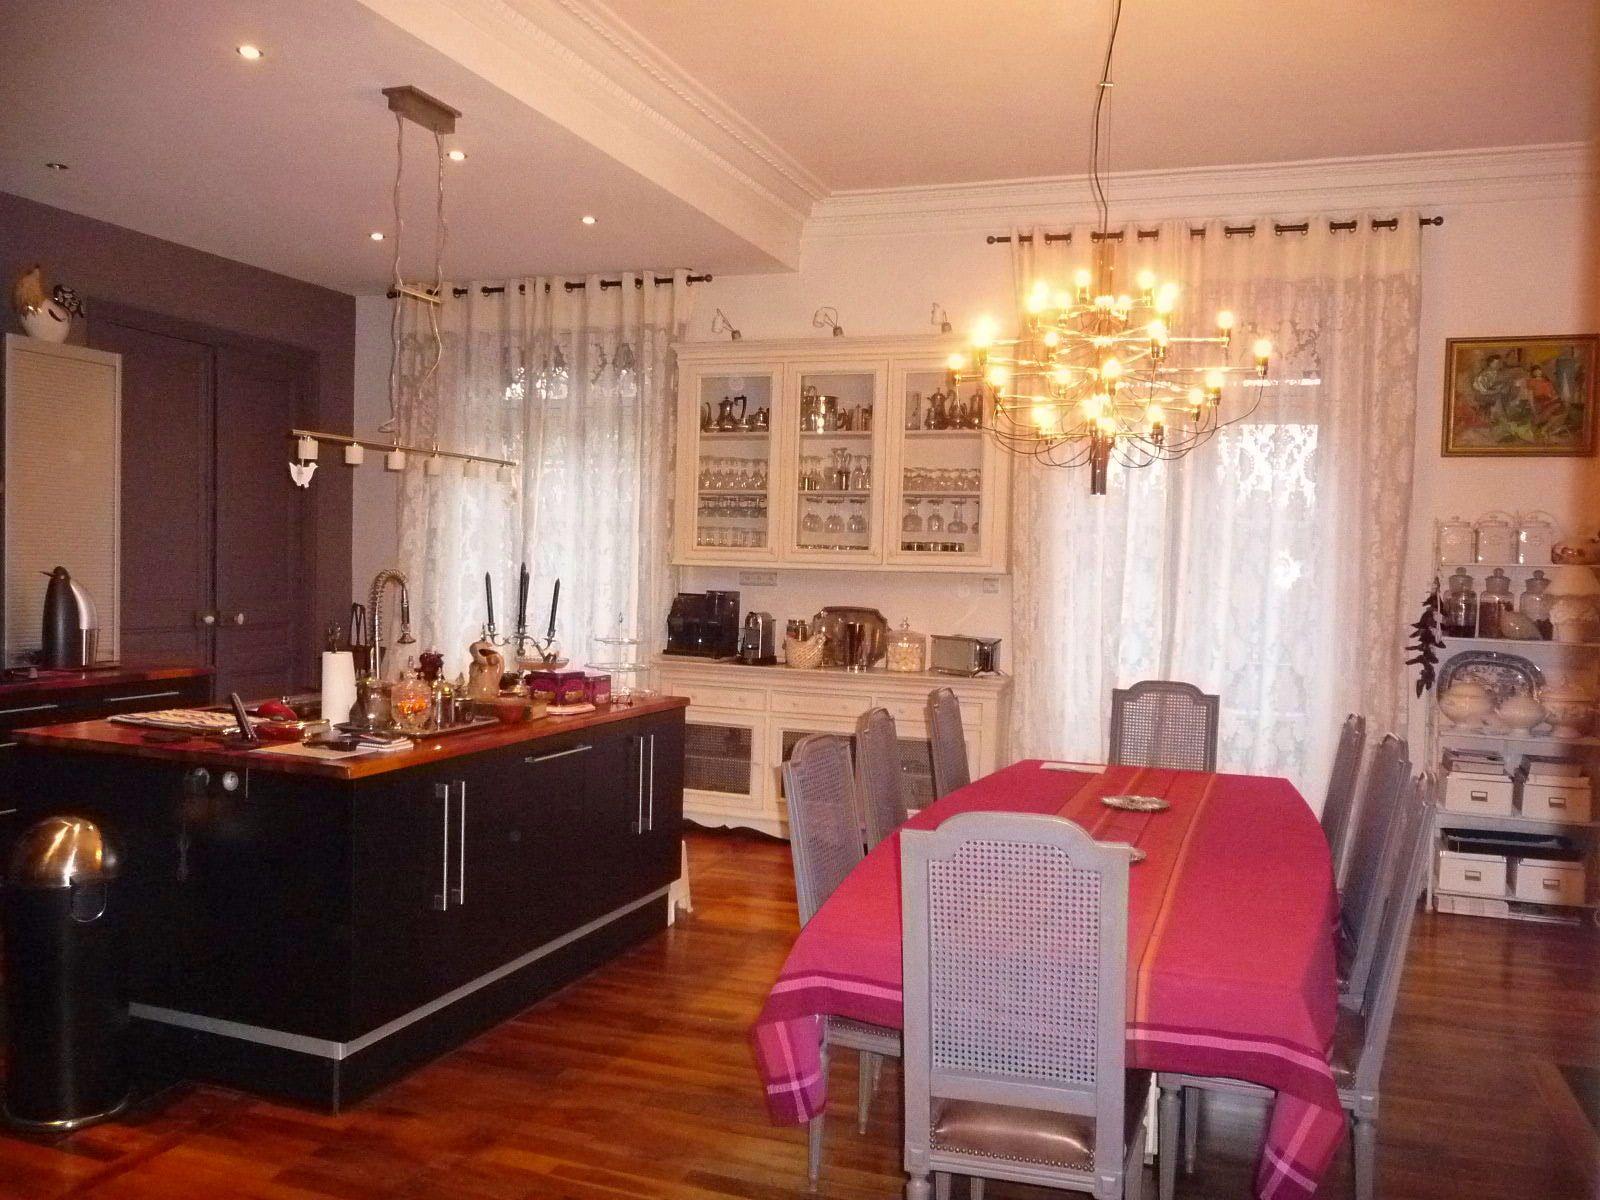 Vends magnifique appartement 190m² plein centre de Grenoble - 4chambres